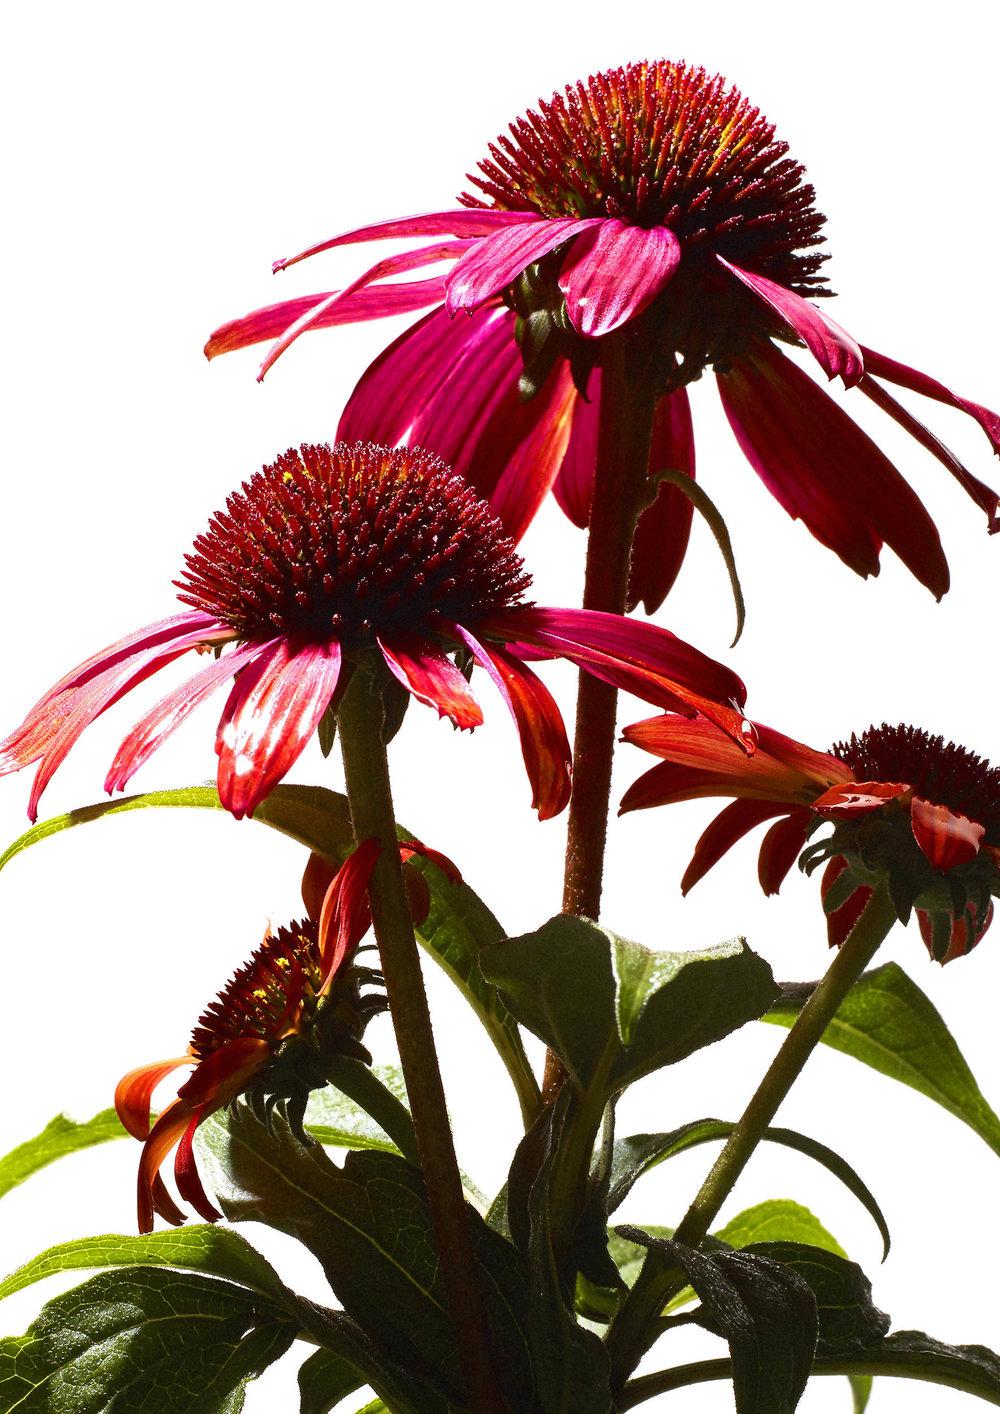 20160806_Flower42933.jpg